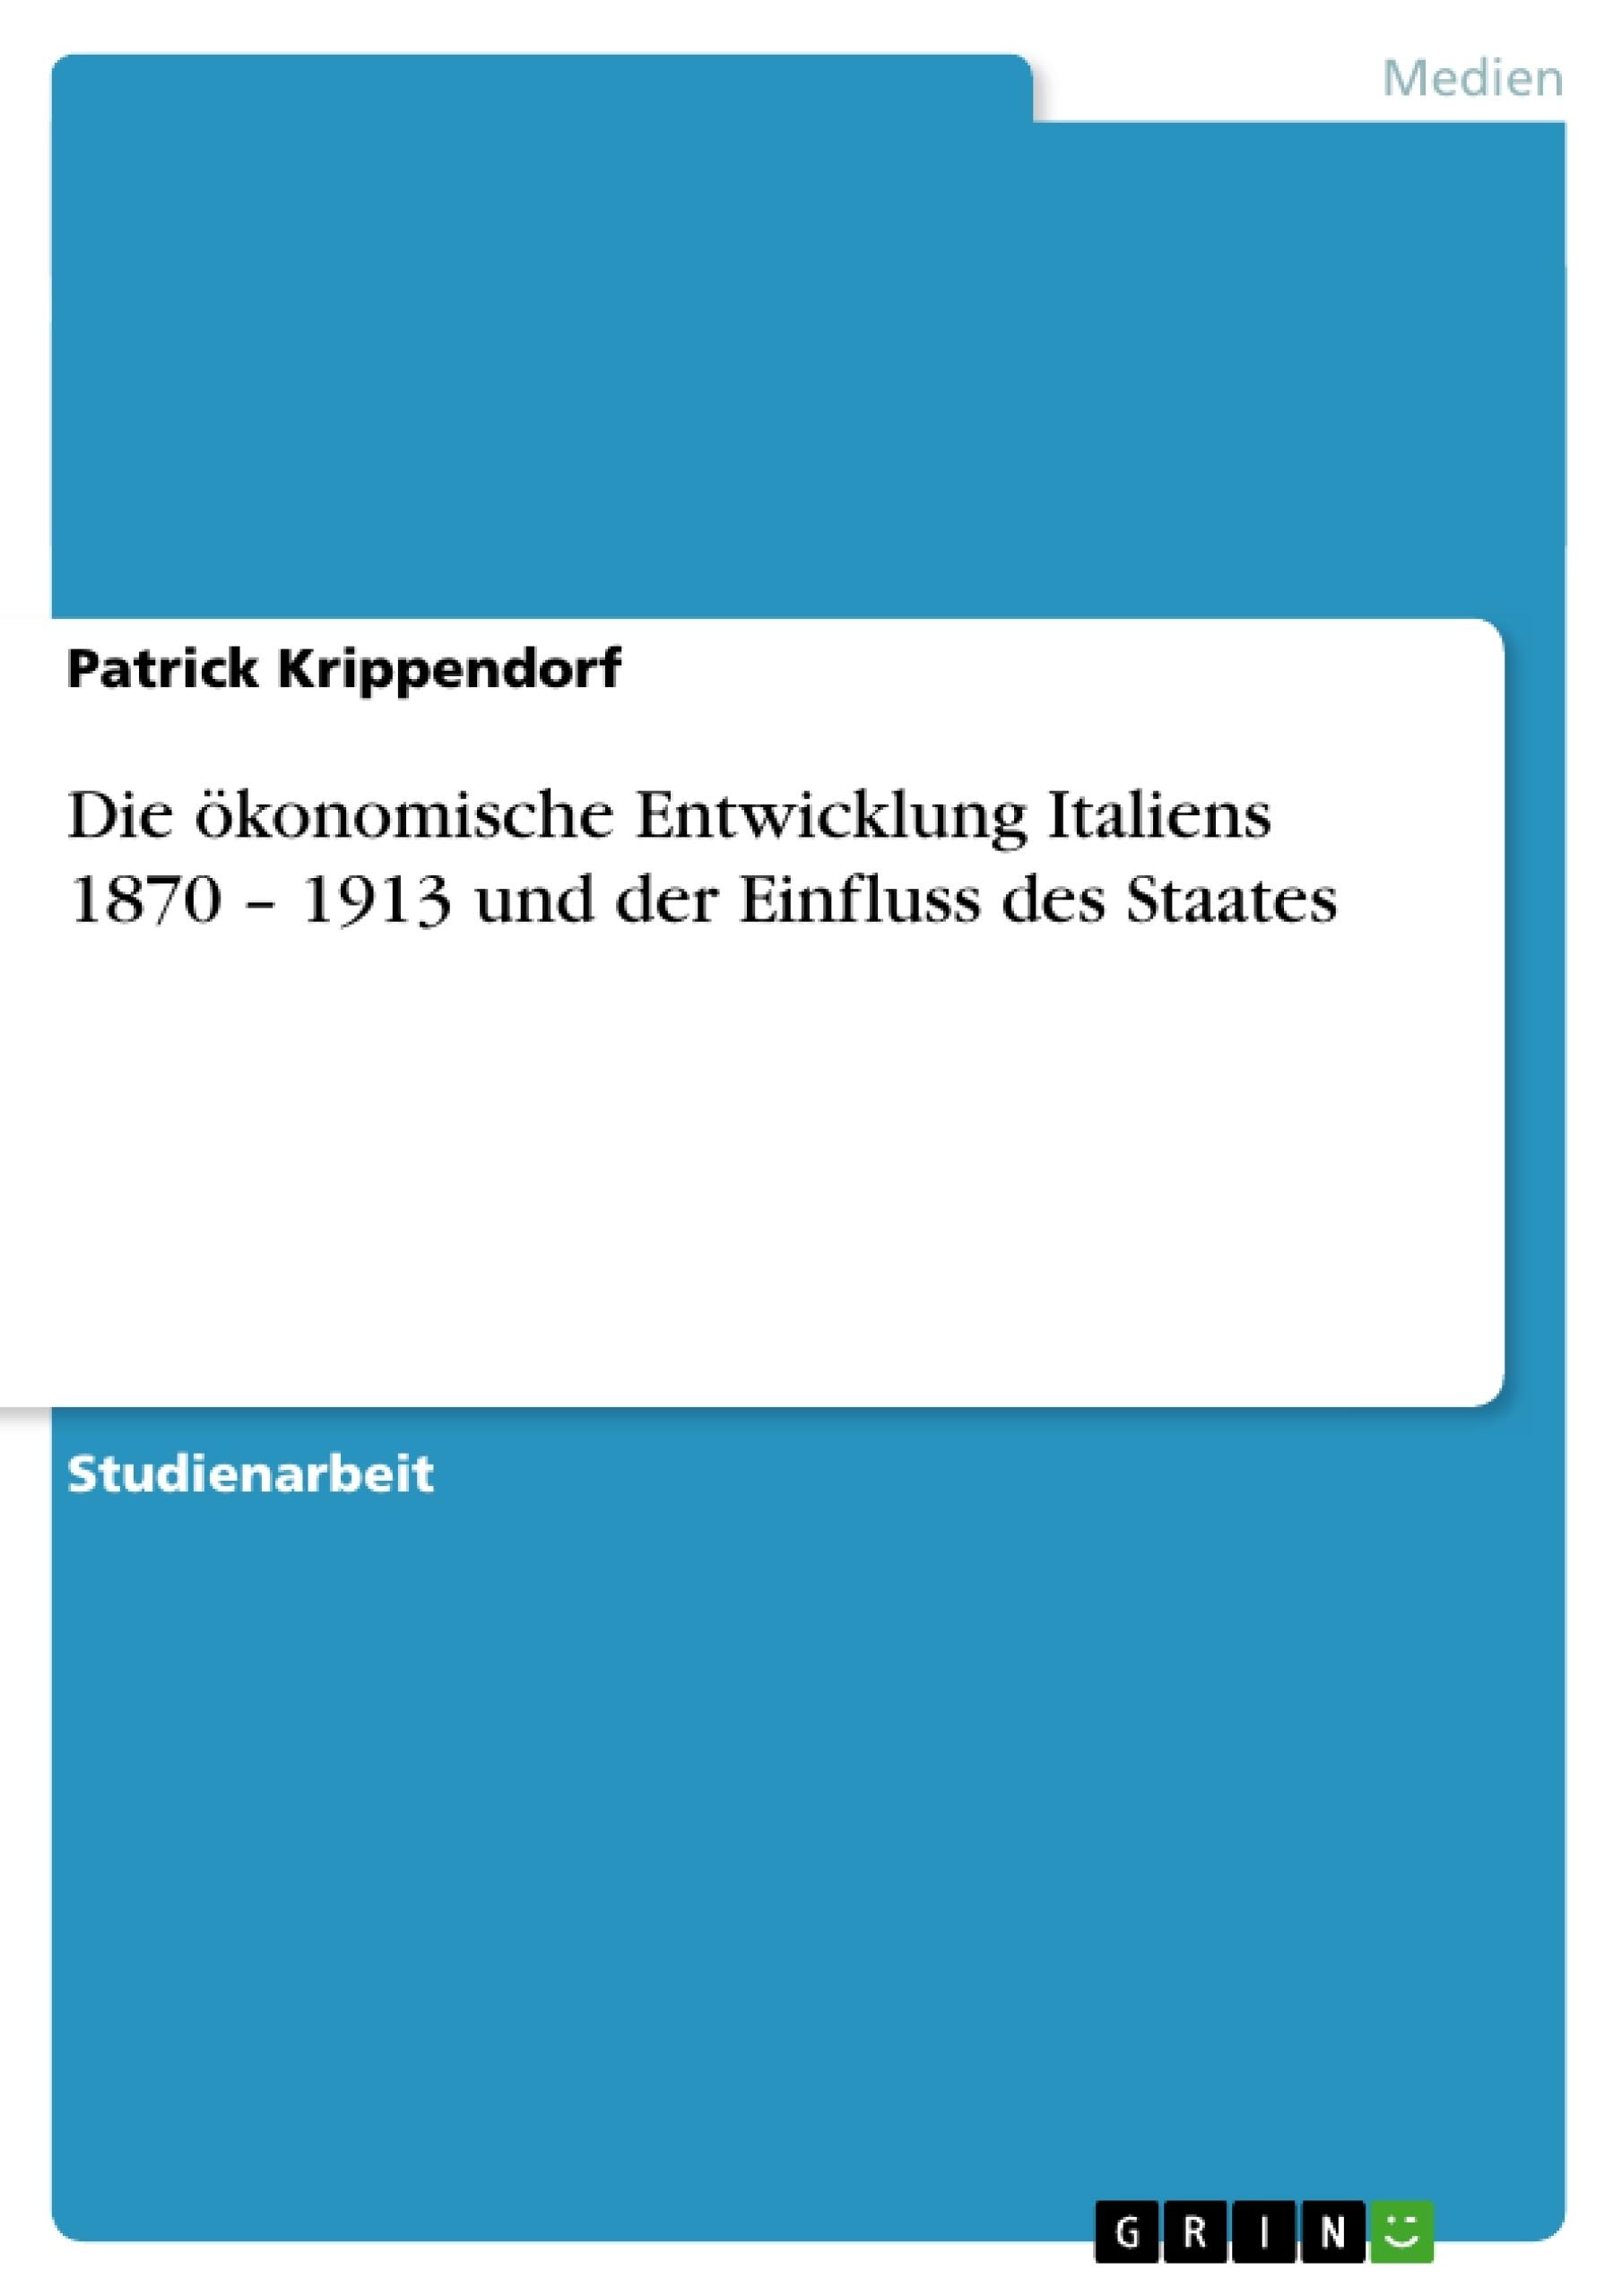 Titel: Die ökonomische Entwicklung Italiens 1870 – 1913 und der Einfluss des Staates